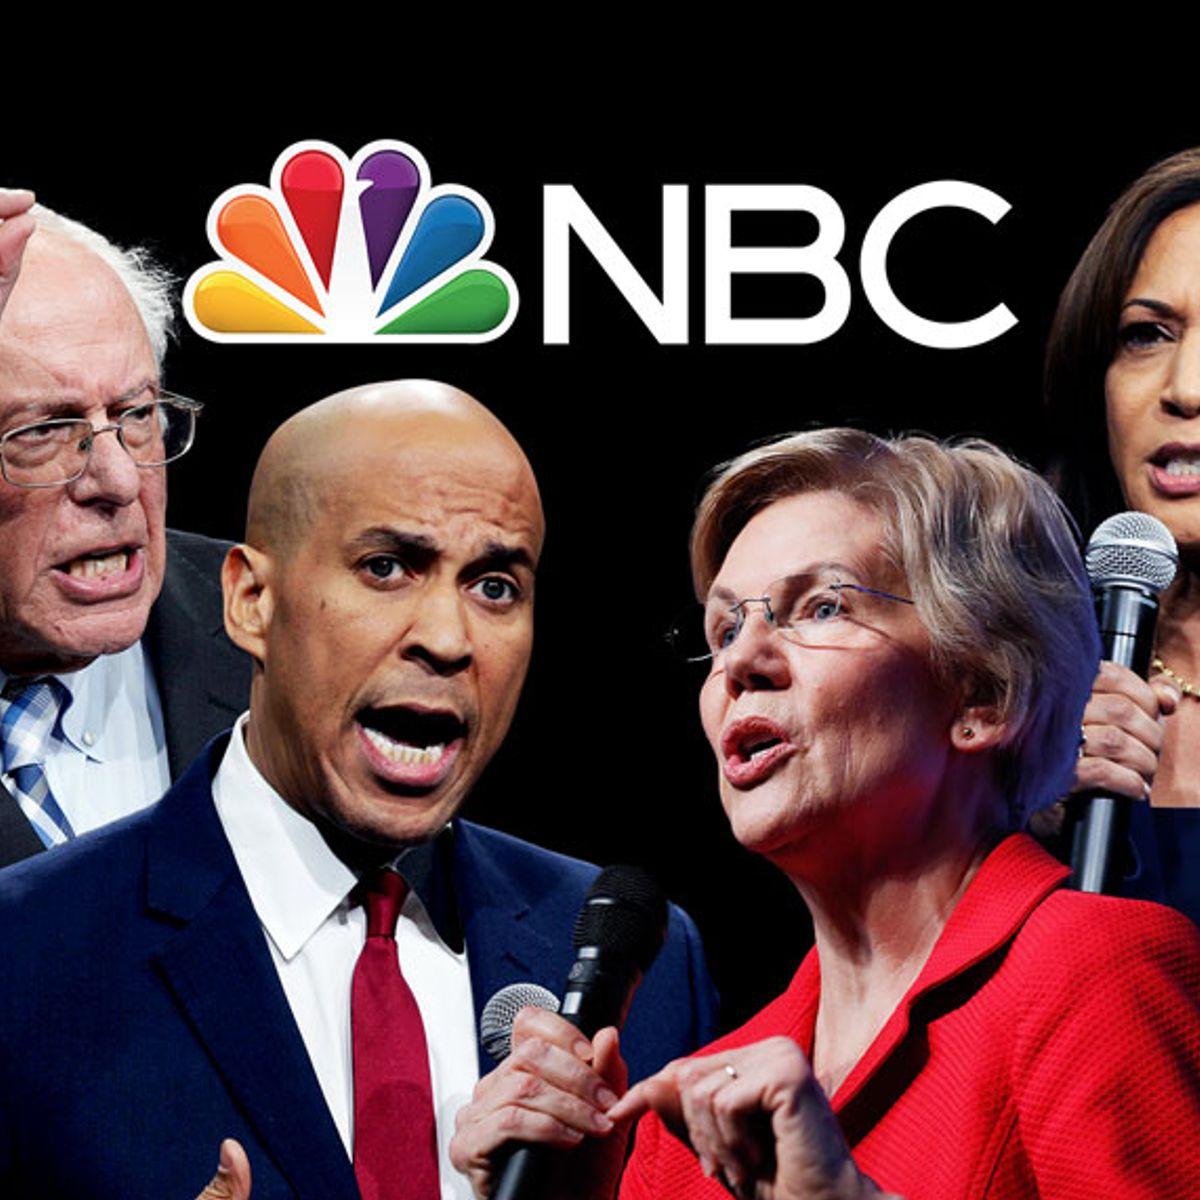 """Democratic candidates demand investigation into NBC's """"toxic culture"""" ahead of MSNBC debate"""